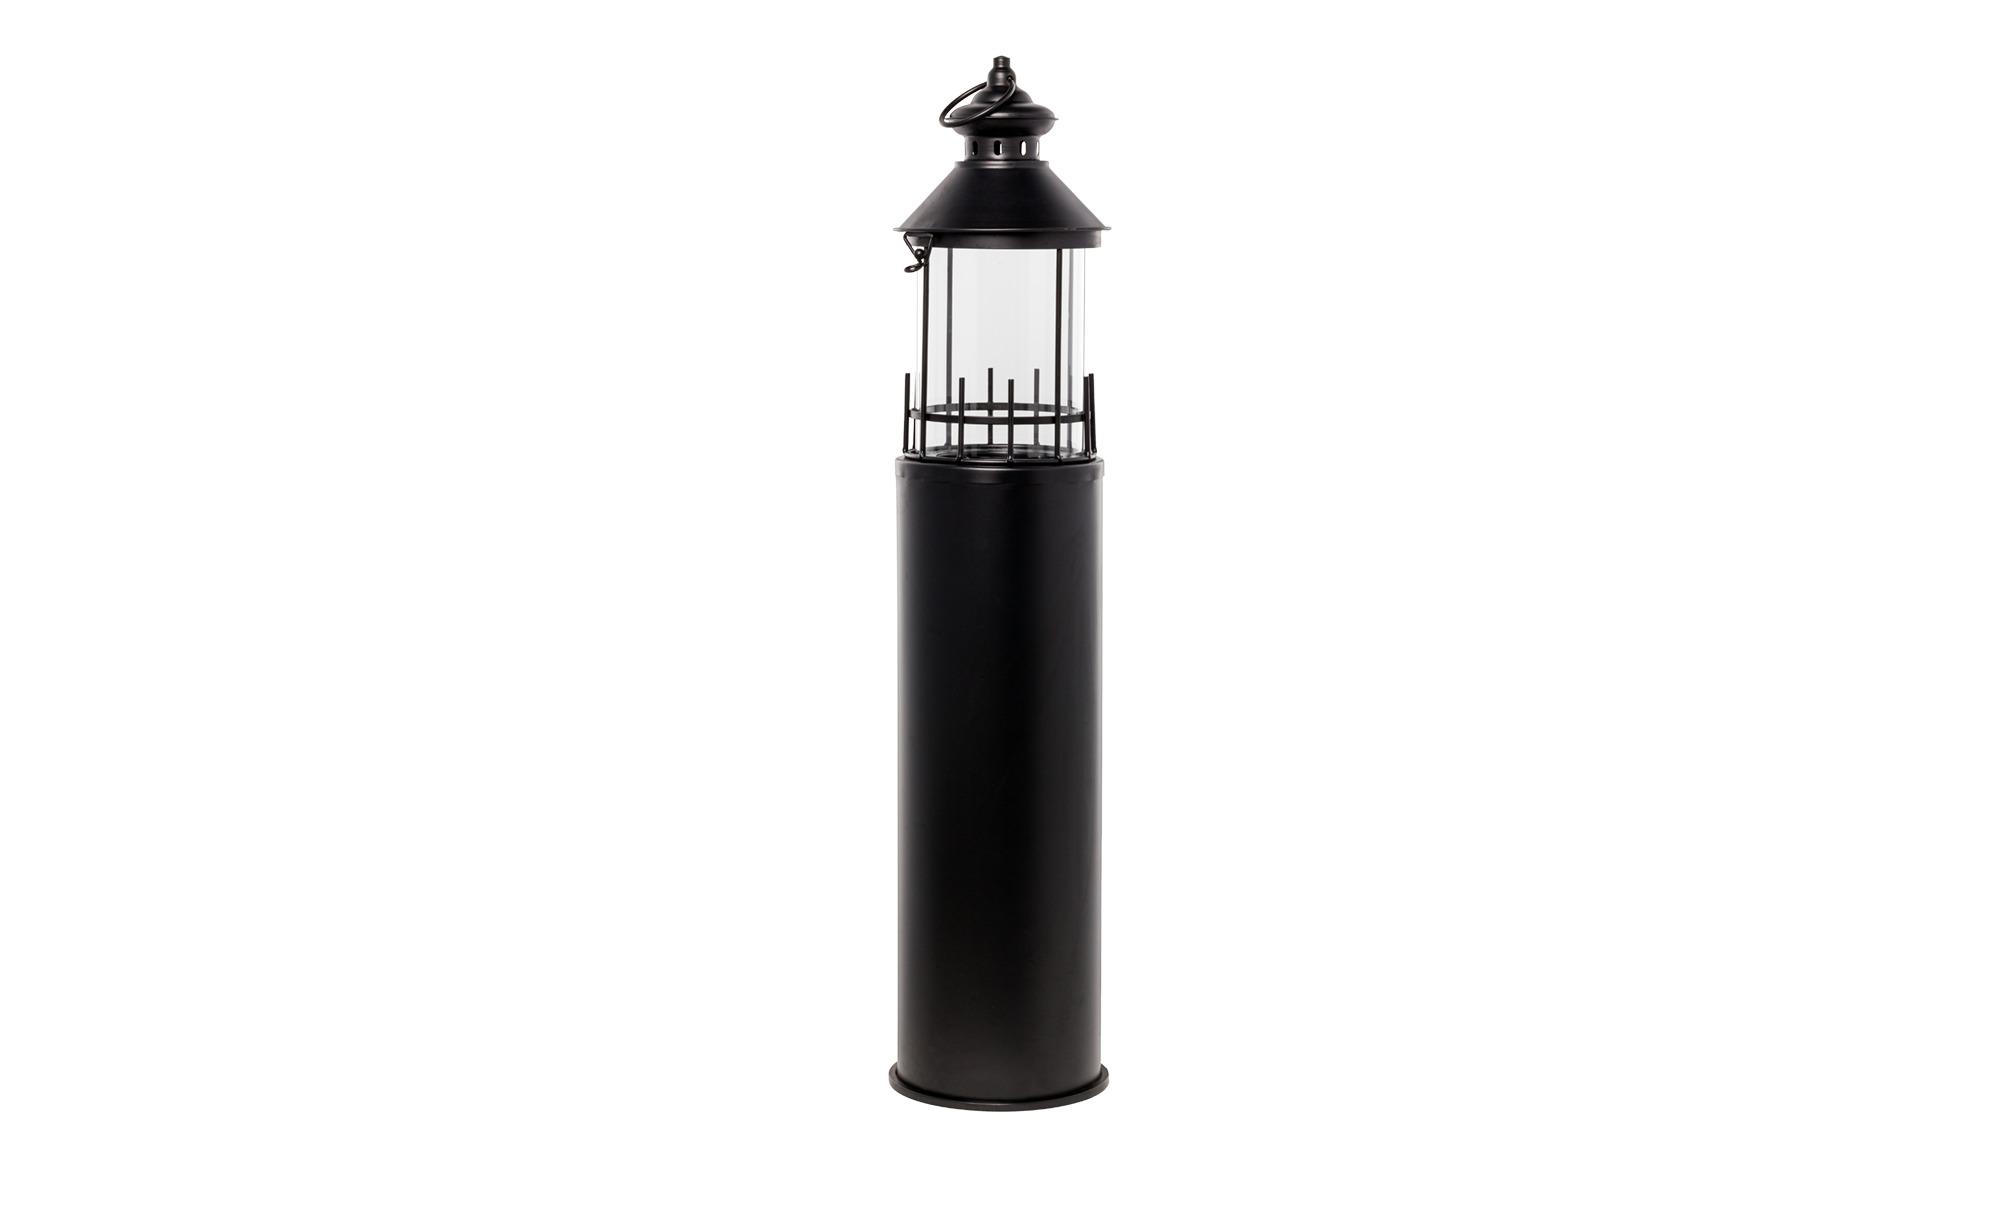 Laterne   Leuchtturm - schwarz - Glas , Metall - 99 cm - Dekoration > Laternen & Windlichter - Möbel Kraft   Dekoration > Kerzen und Kerzenständer > Laternen   Möbel Kraft